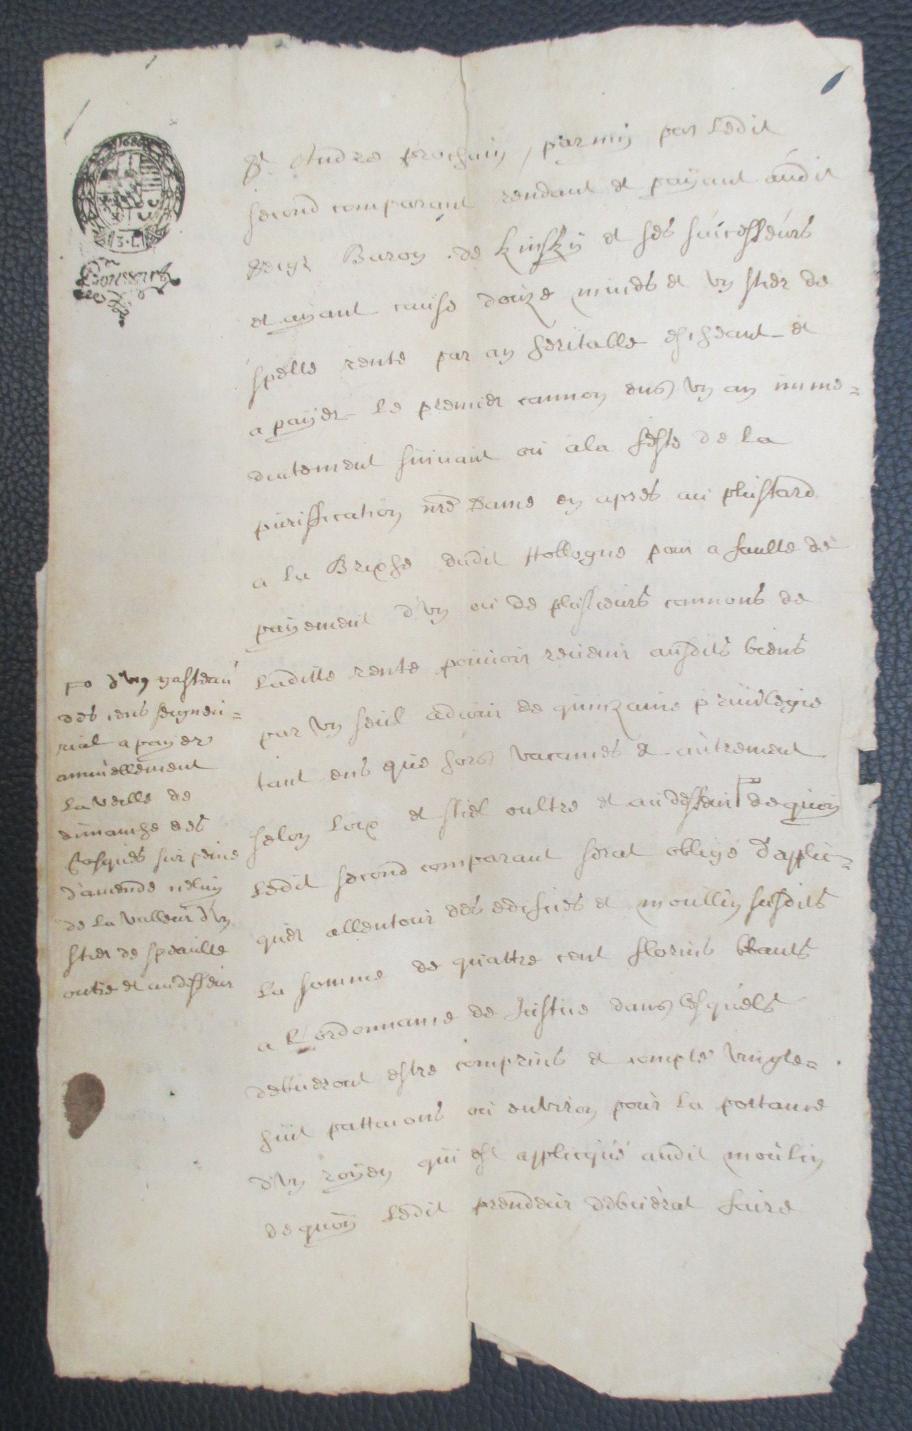 Acte 1686 remouchamps page interieure